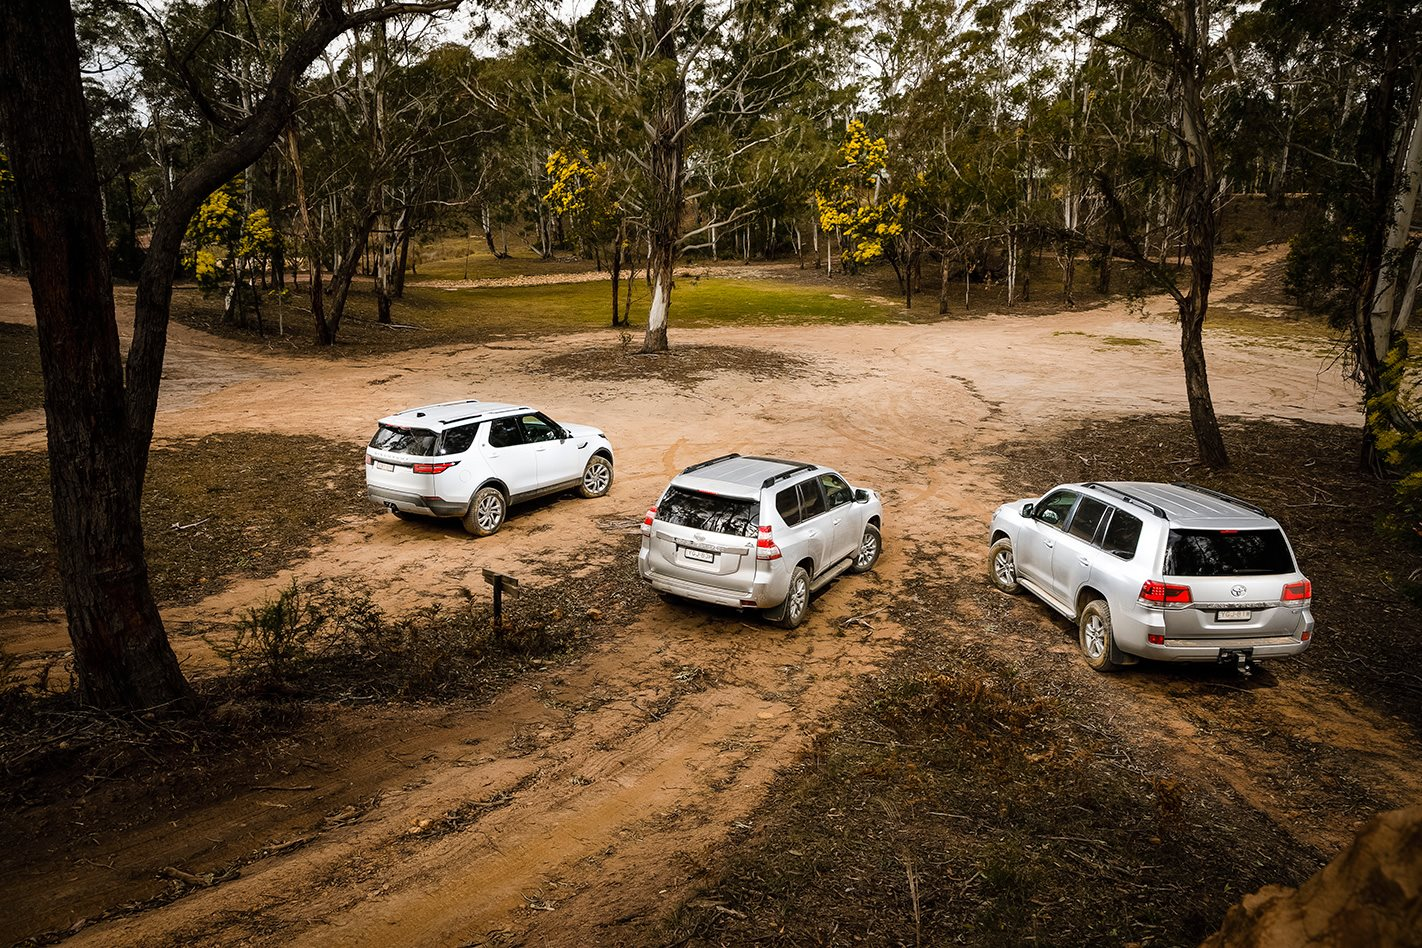 2017 Land Rover Discovery v Toyota 200 Series v Toyota Prado rear.jpg